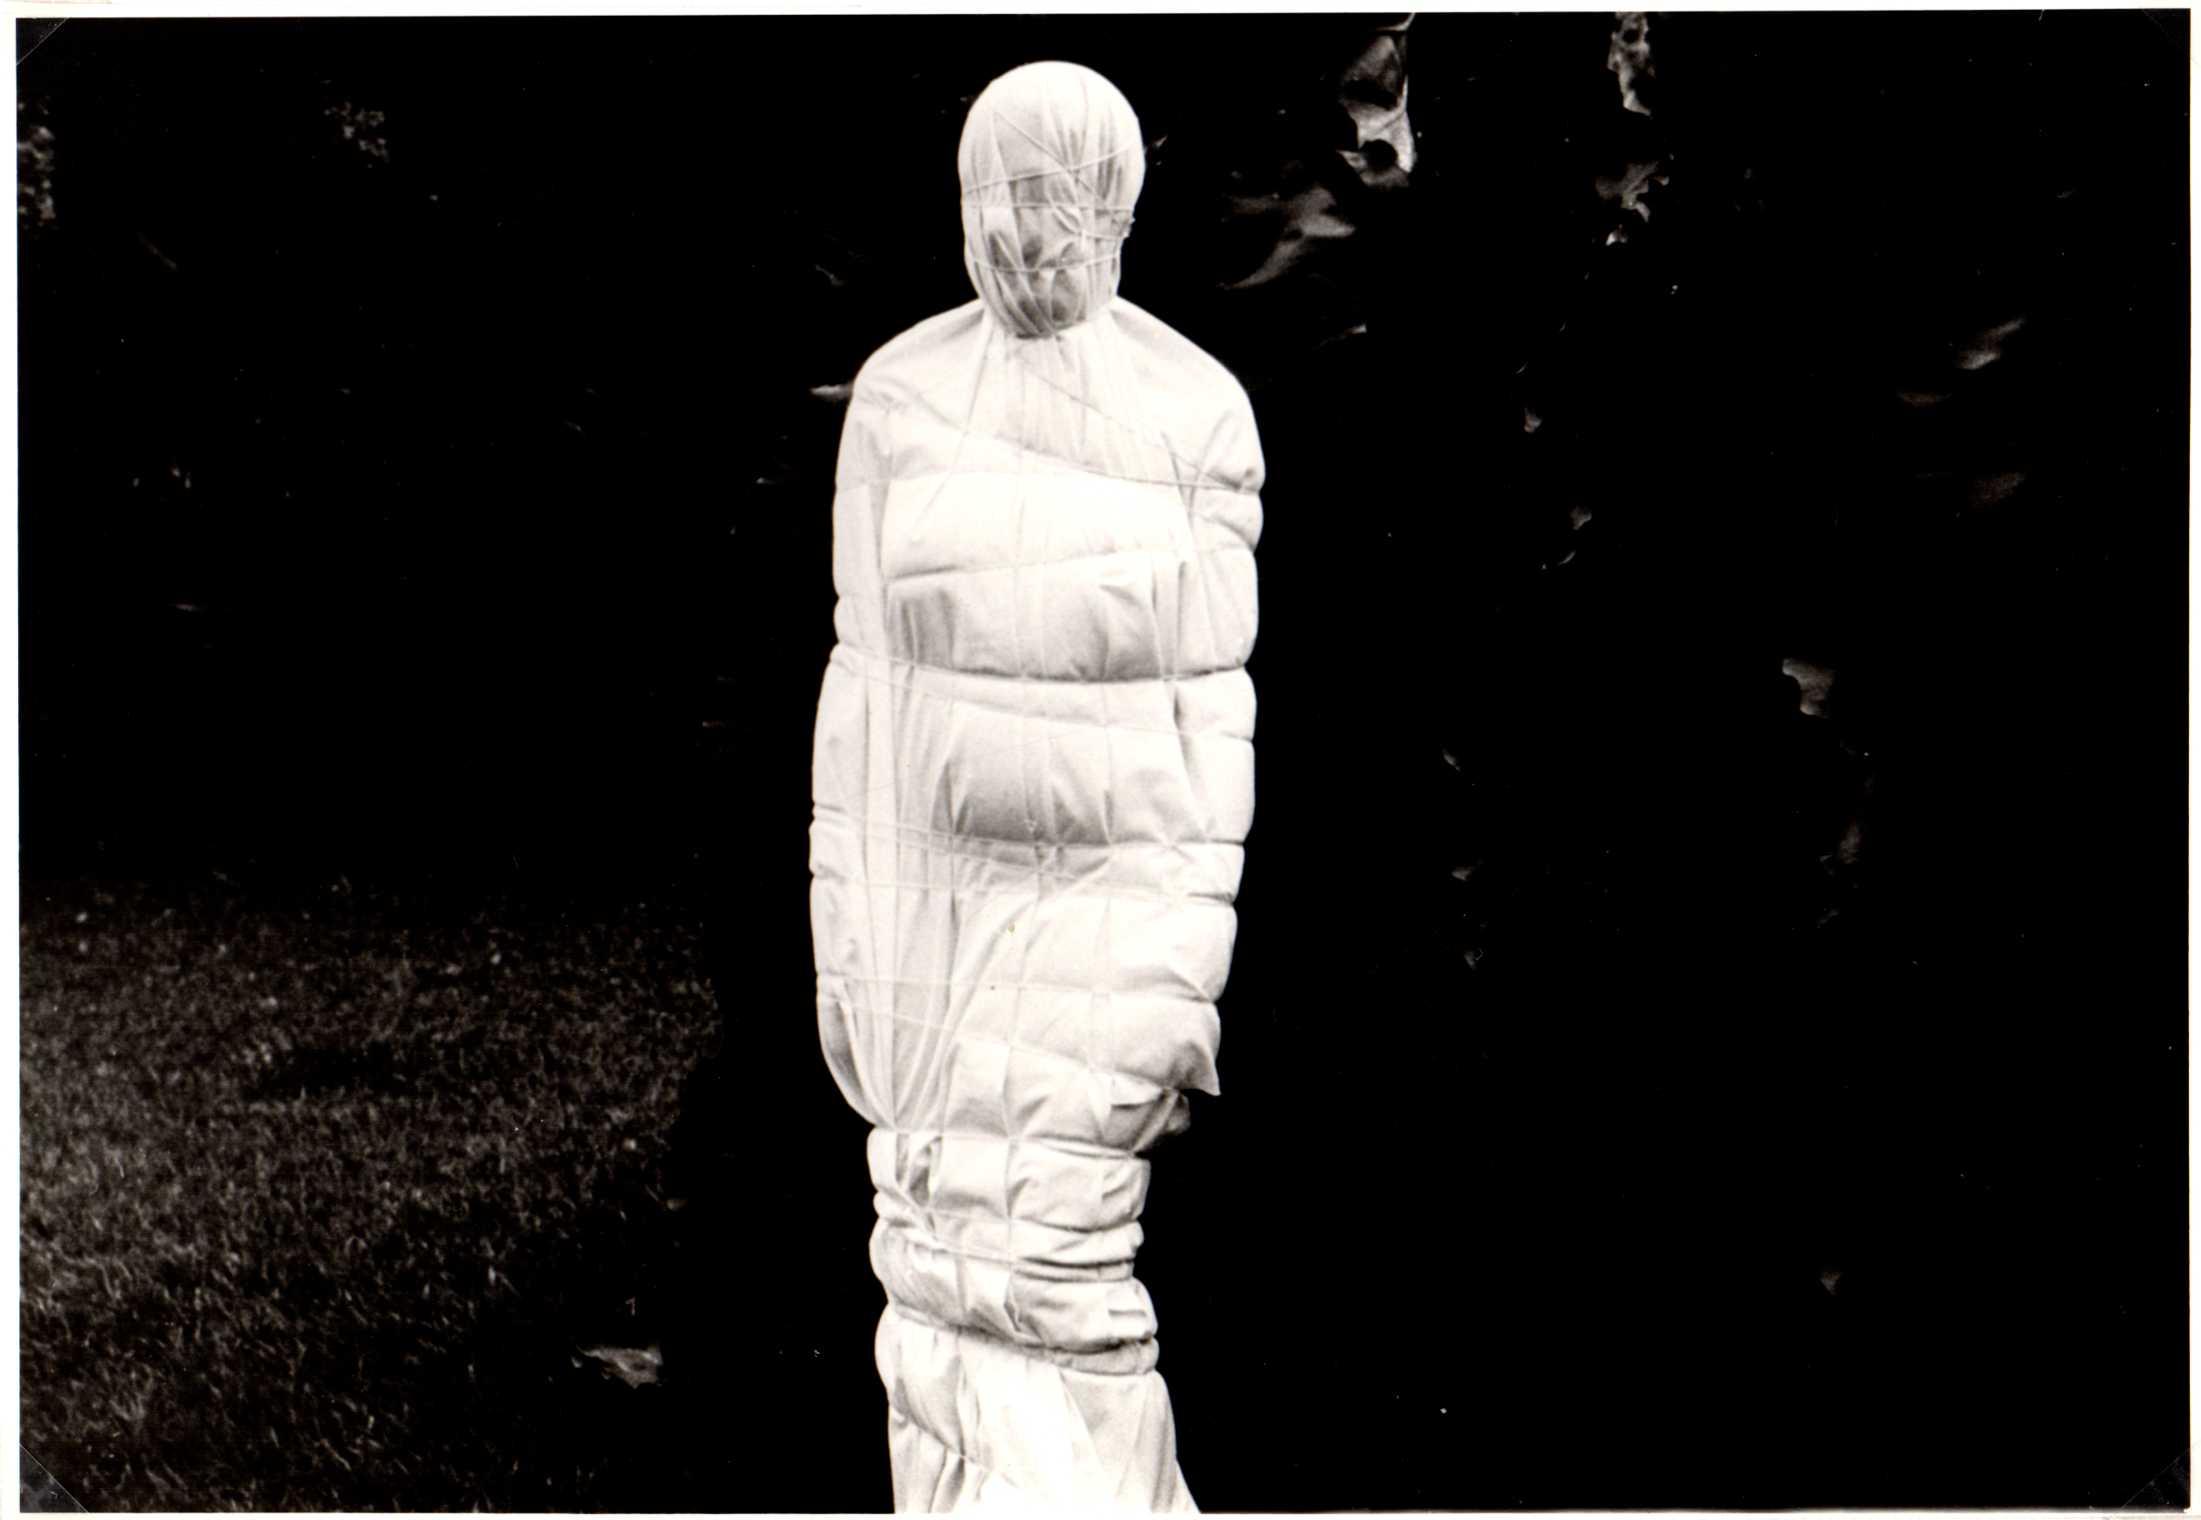 Yeni y Nan, Nacimiento I, 1979, impresión de gelatina de plata, 18 fotografías, dimensiones variables. Cortesía de las artistas y Henrique Faria, Nueva York